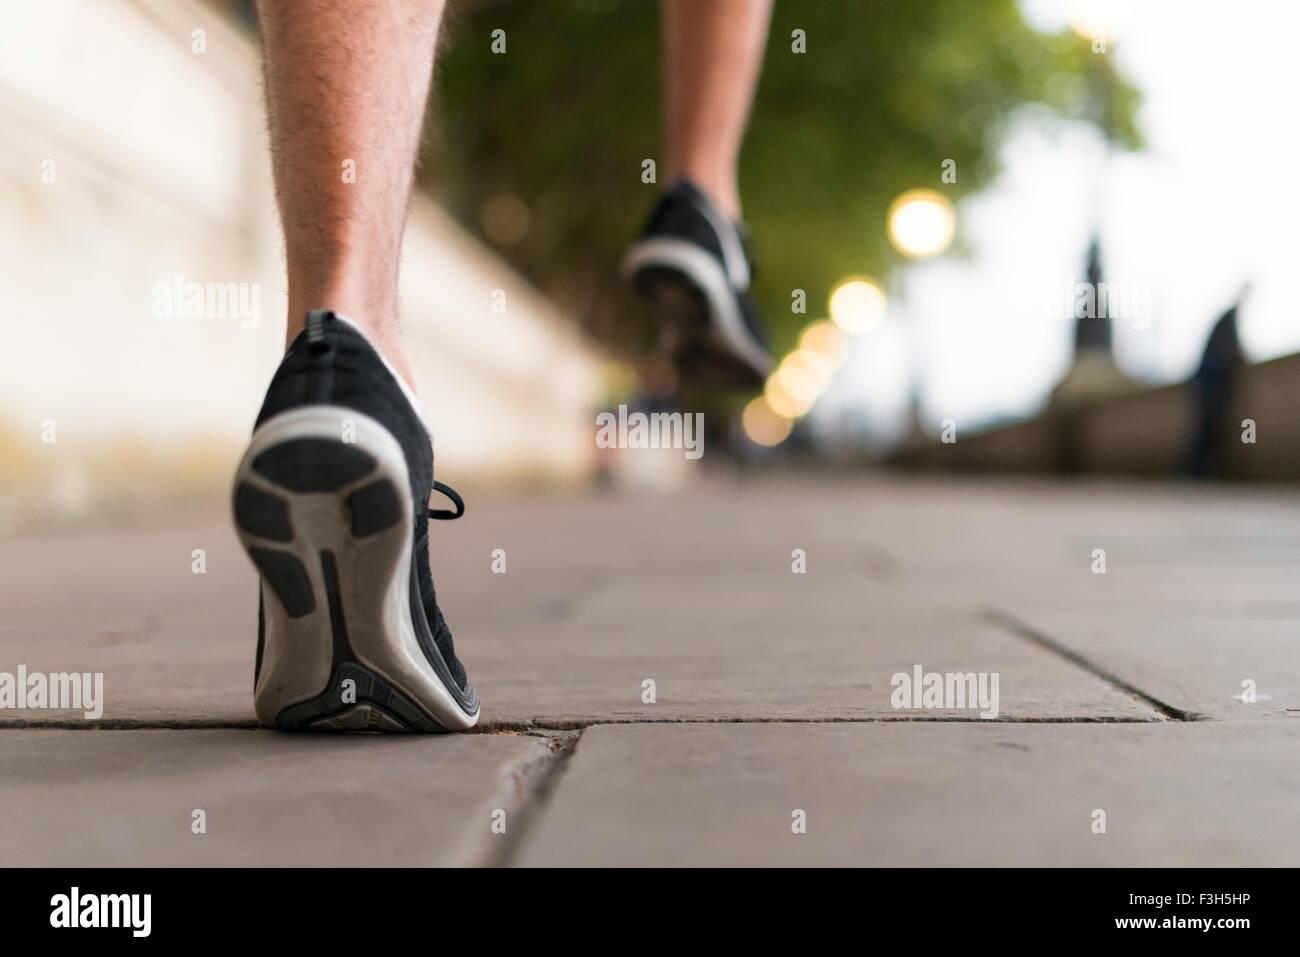 Junge männliche Läufer tragen Trainer läuft auf Bürgersteig Stockbild